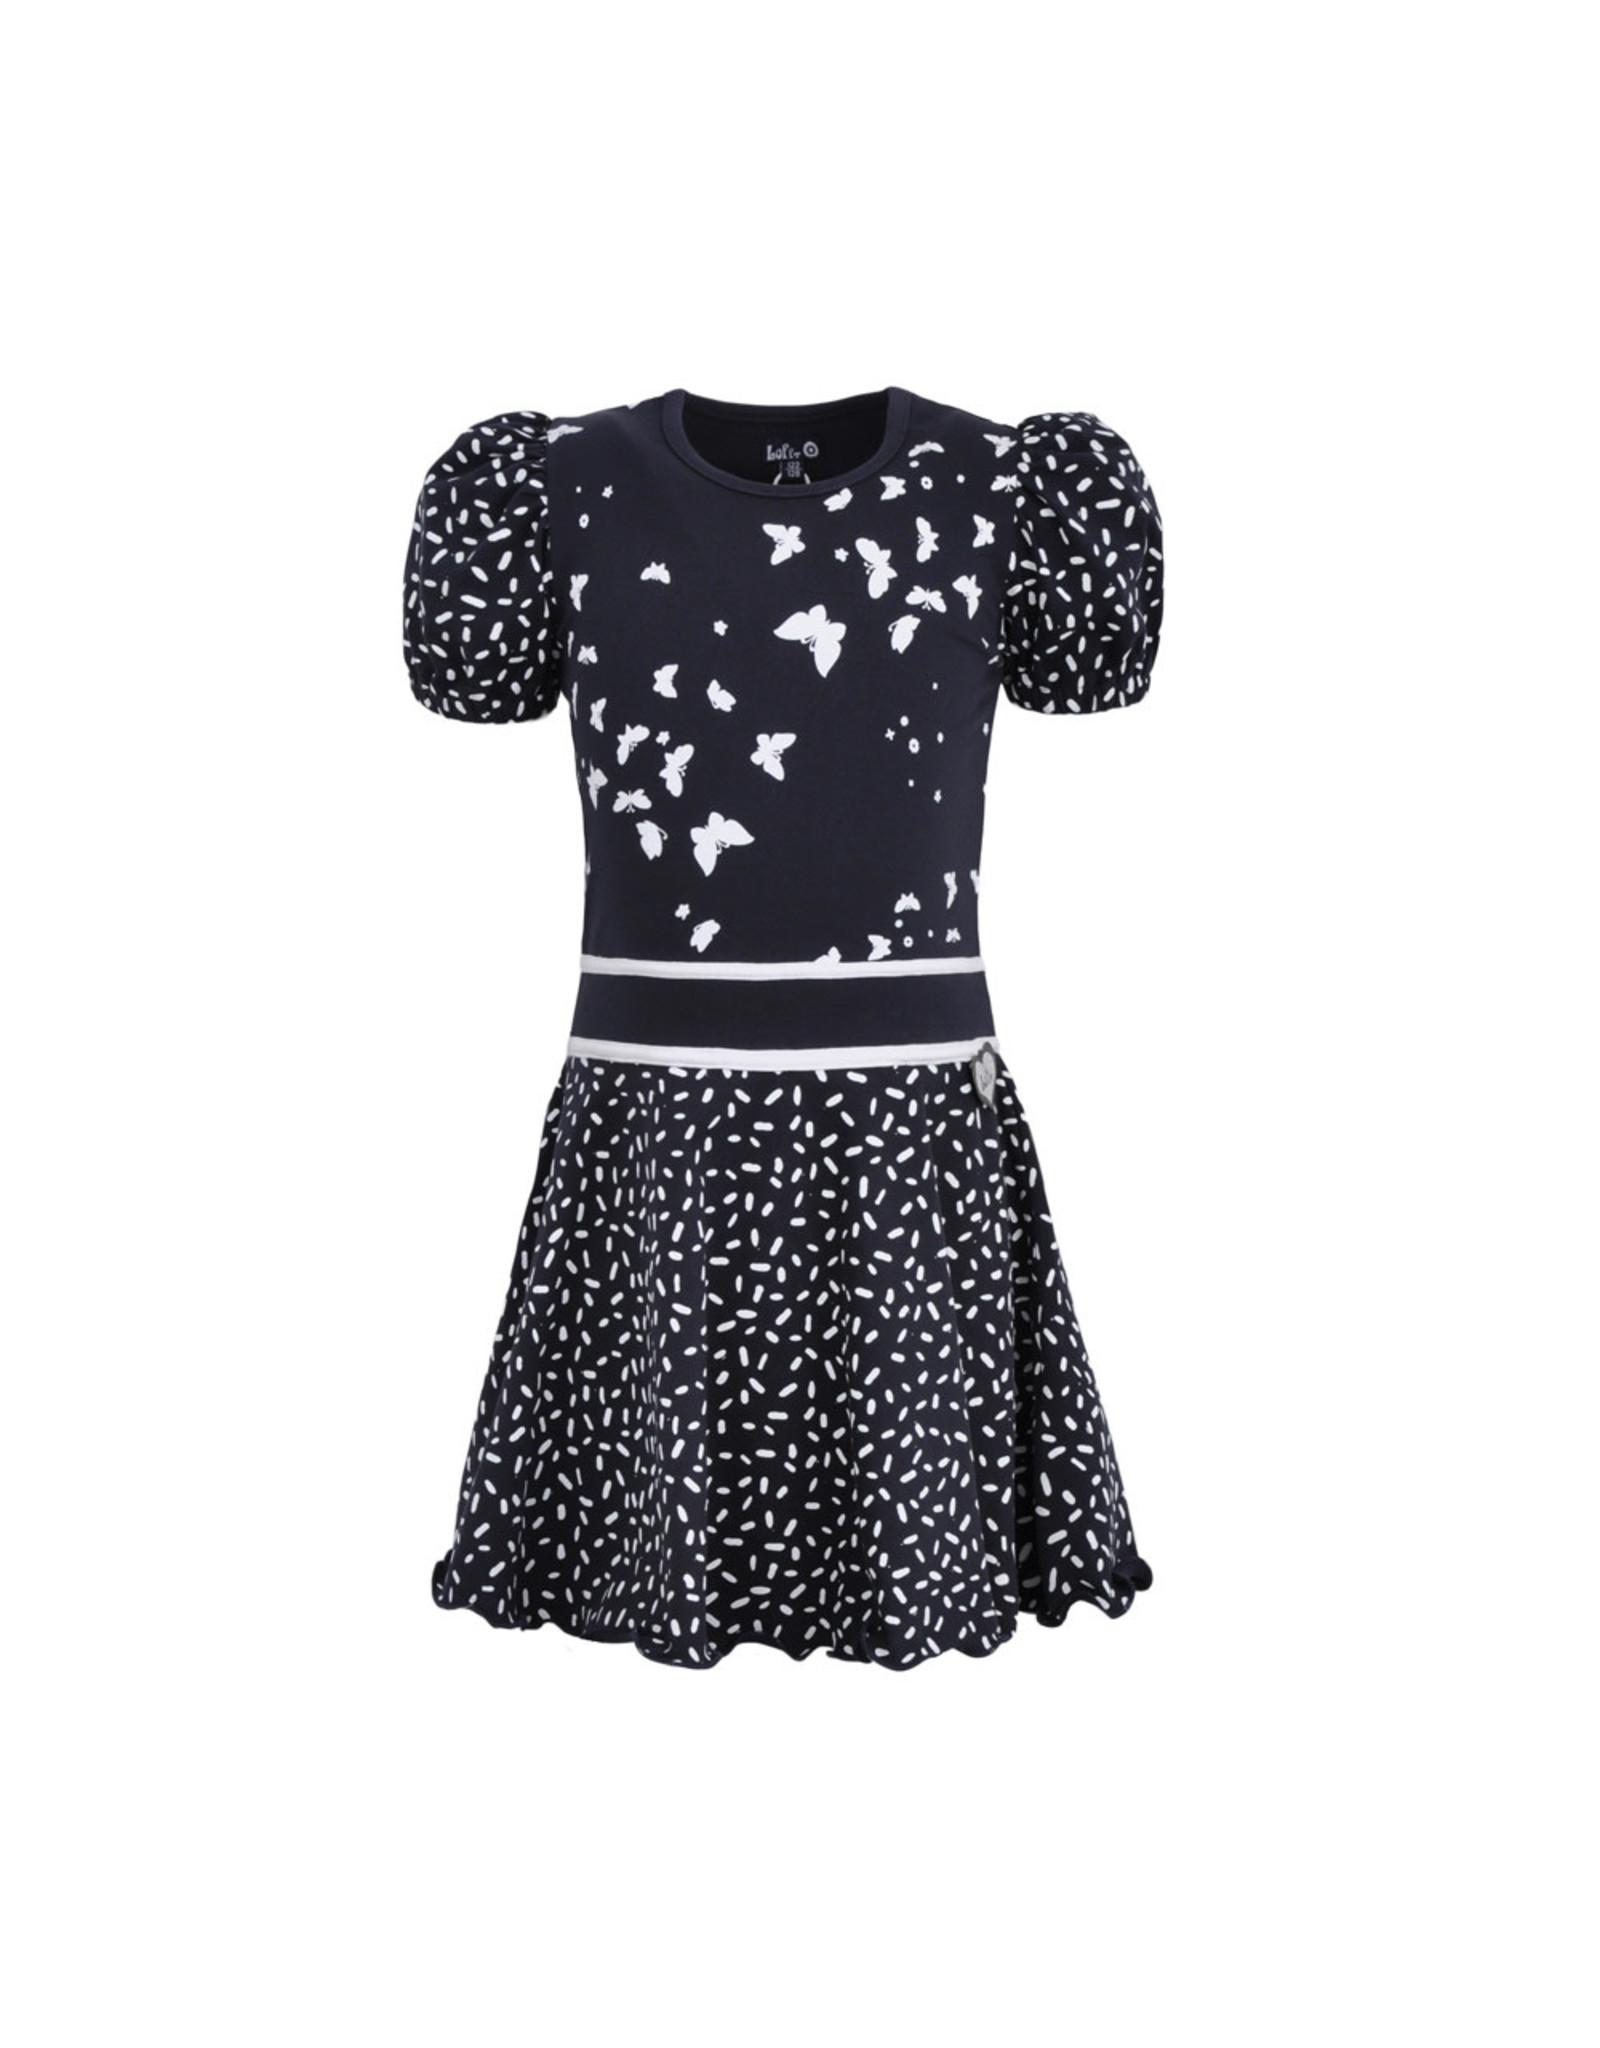 LoFff Loff meiden korte mouwen jurk Loffely Blue Flower